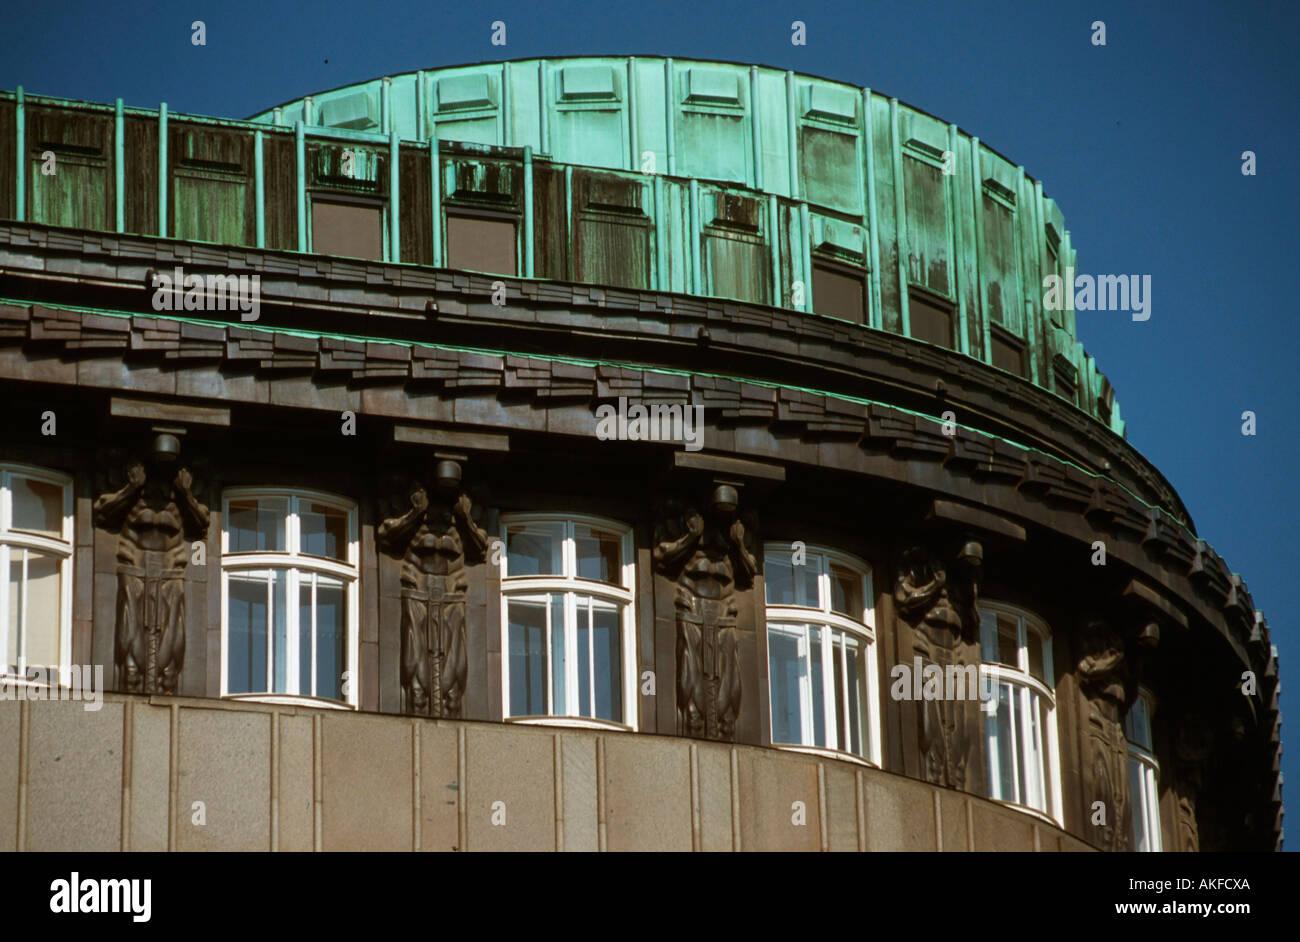 Österreich, Wien I, Brandstätte, tragende Atlanten am Jugendstilhaus von Architekt Josef Plecnik. - Stock Image